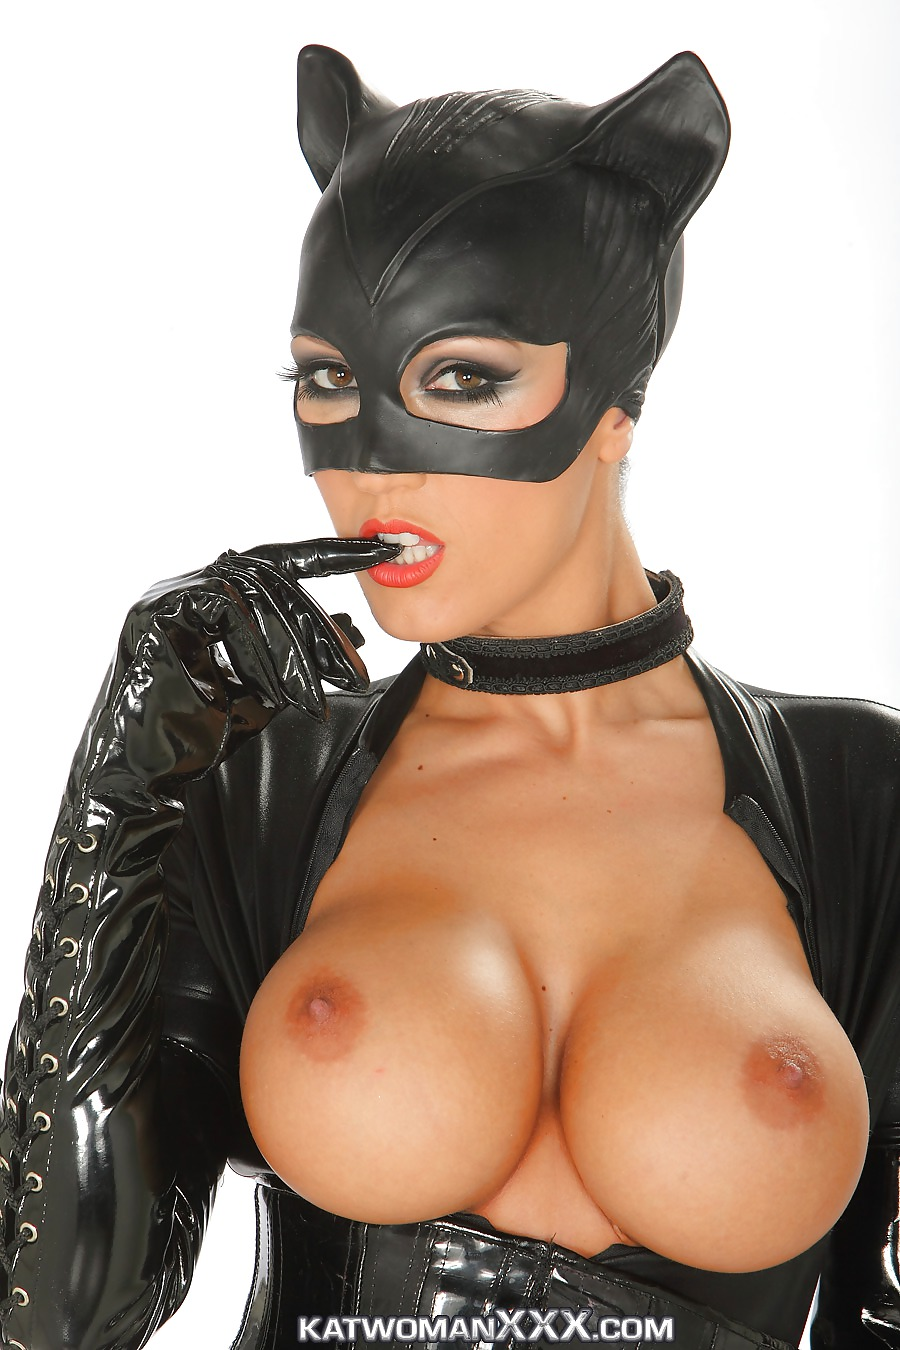 Catwoman mobil porn fucks comics